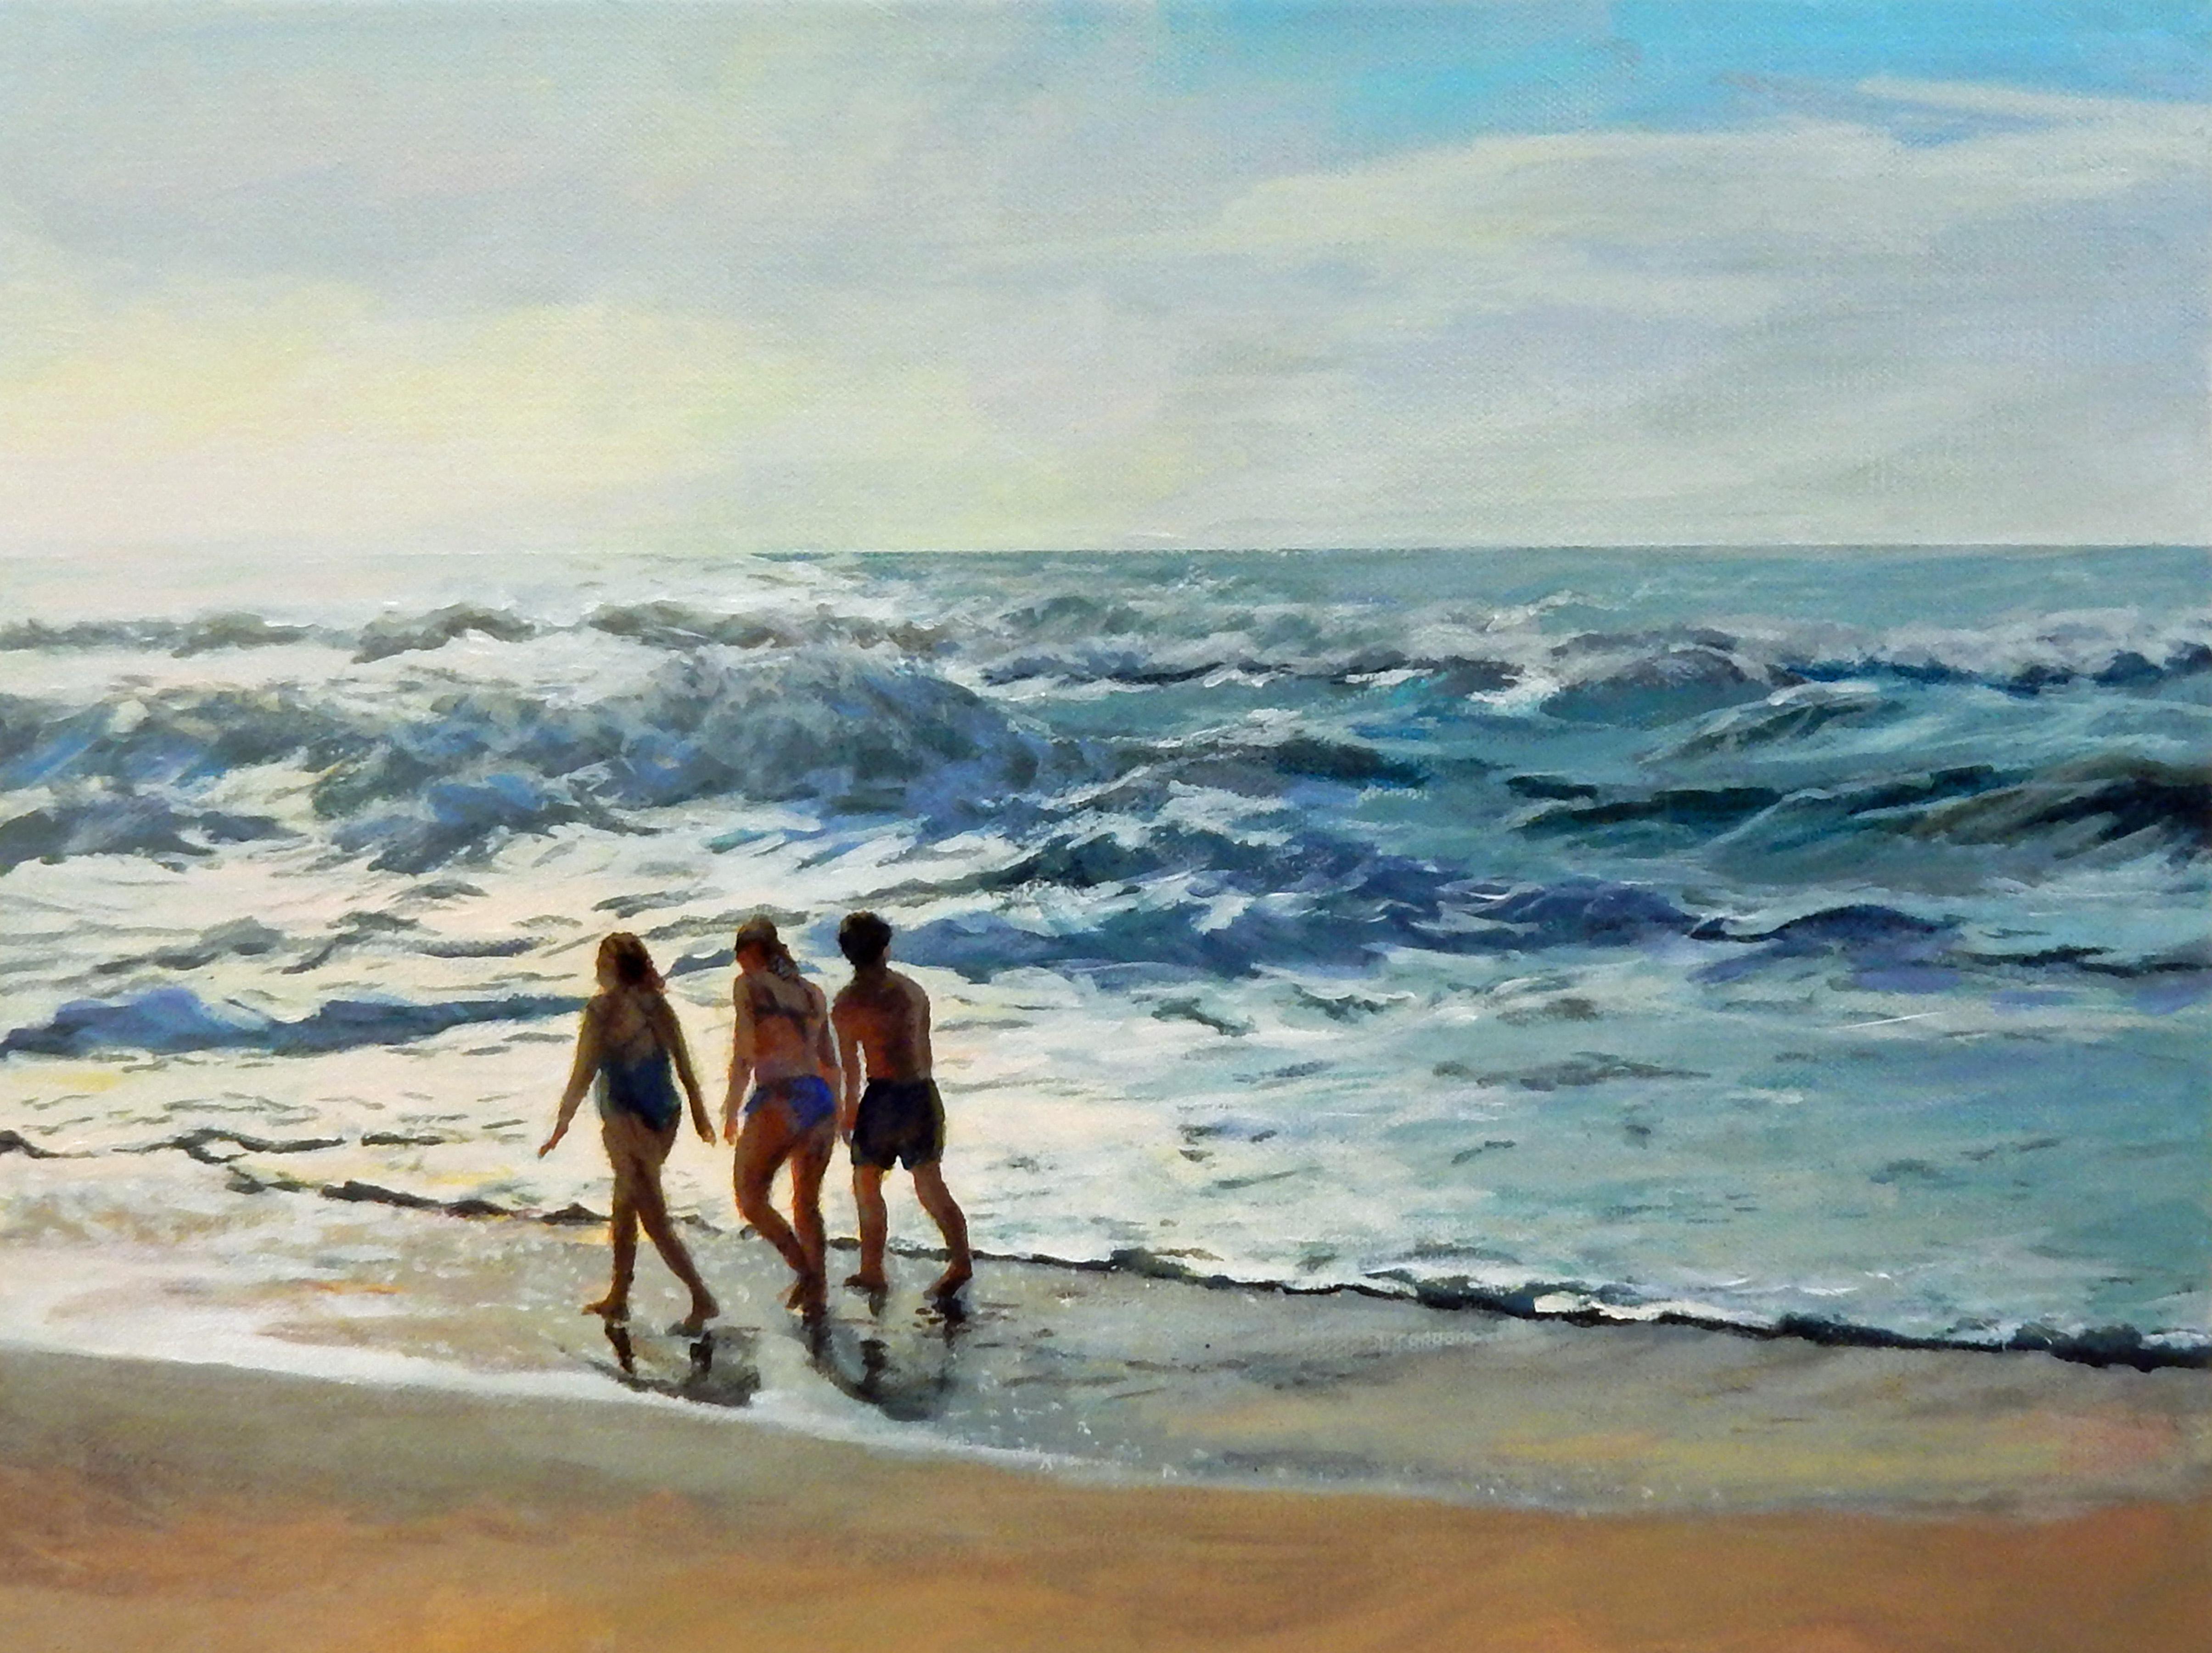 StantonRuth_Beach Bliss_12x16_DSCN6595